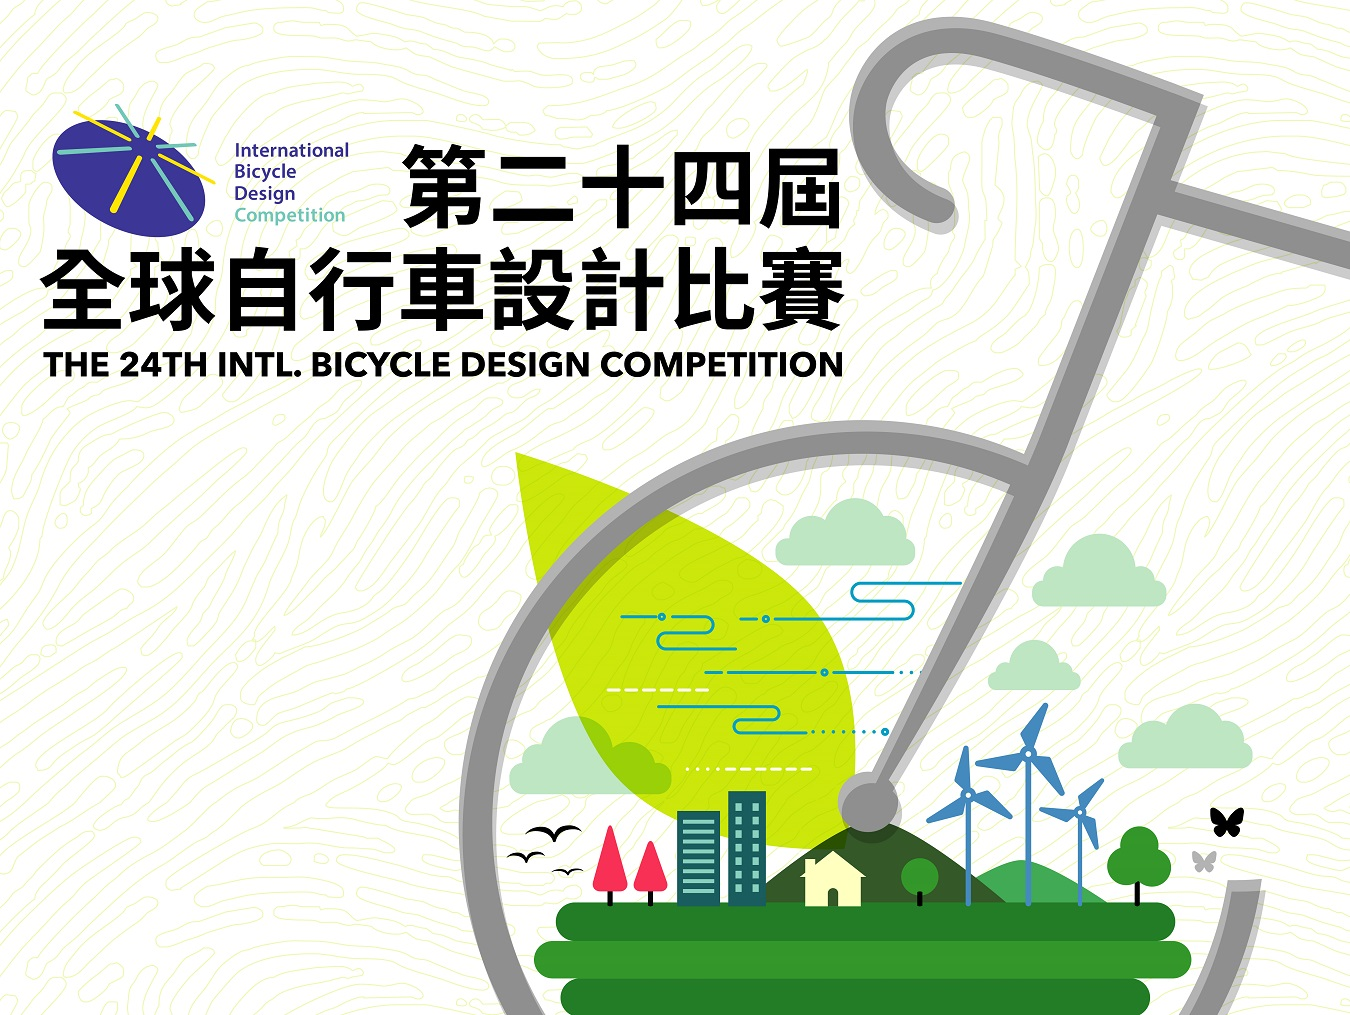 第24屆全球自行車設計比賽IBDC開放報名中!歡迎創新自行車設計踴躍投件